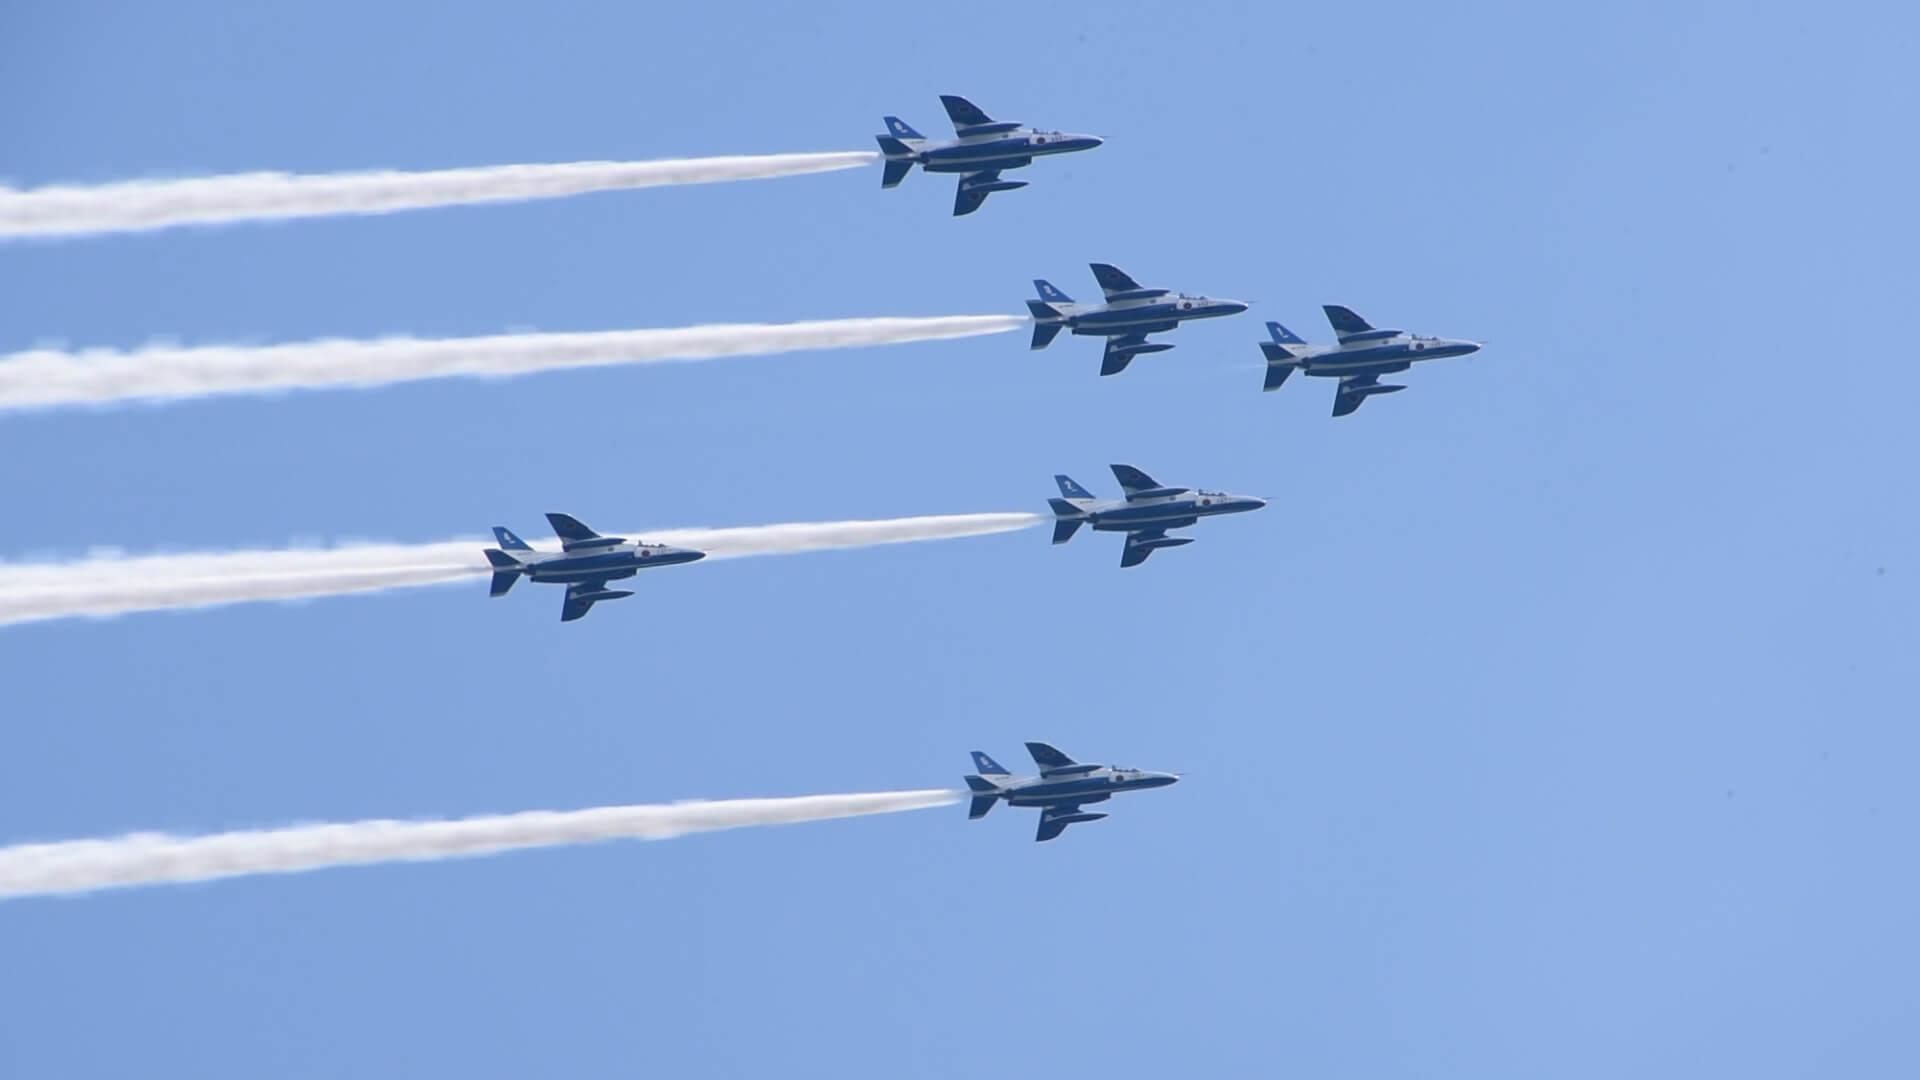 瀬戸大橋開通30周年記念式典でブルーインパルスが飛行する様子